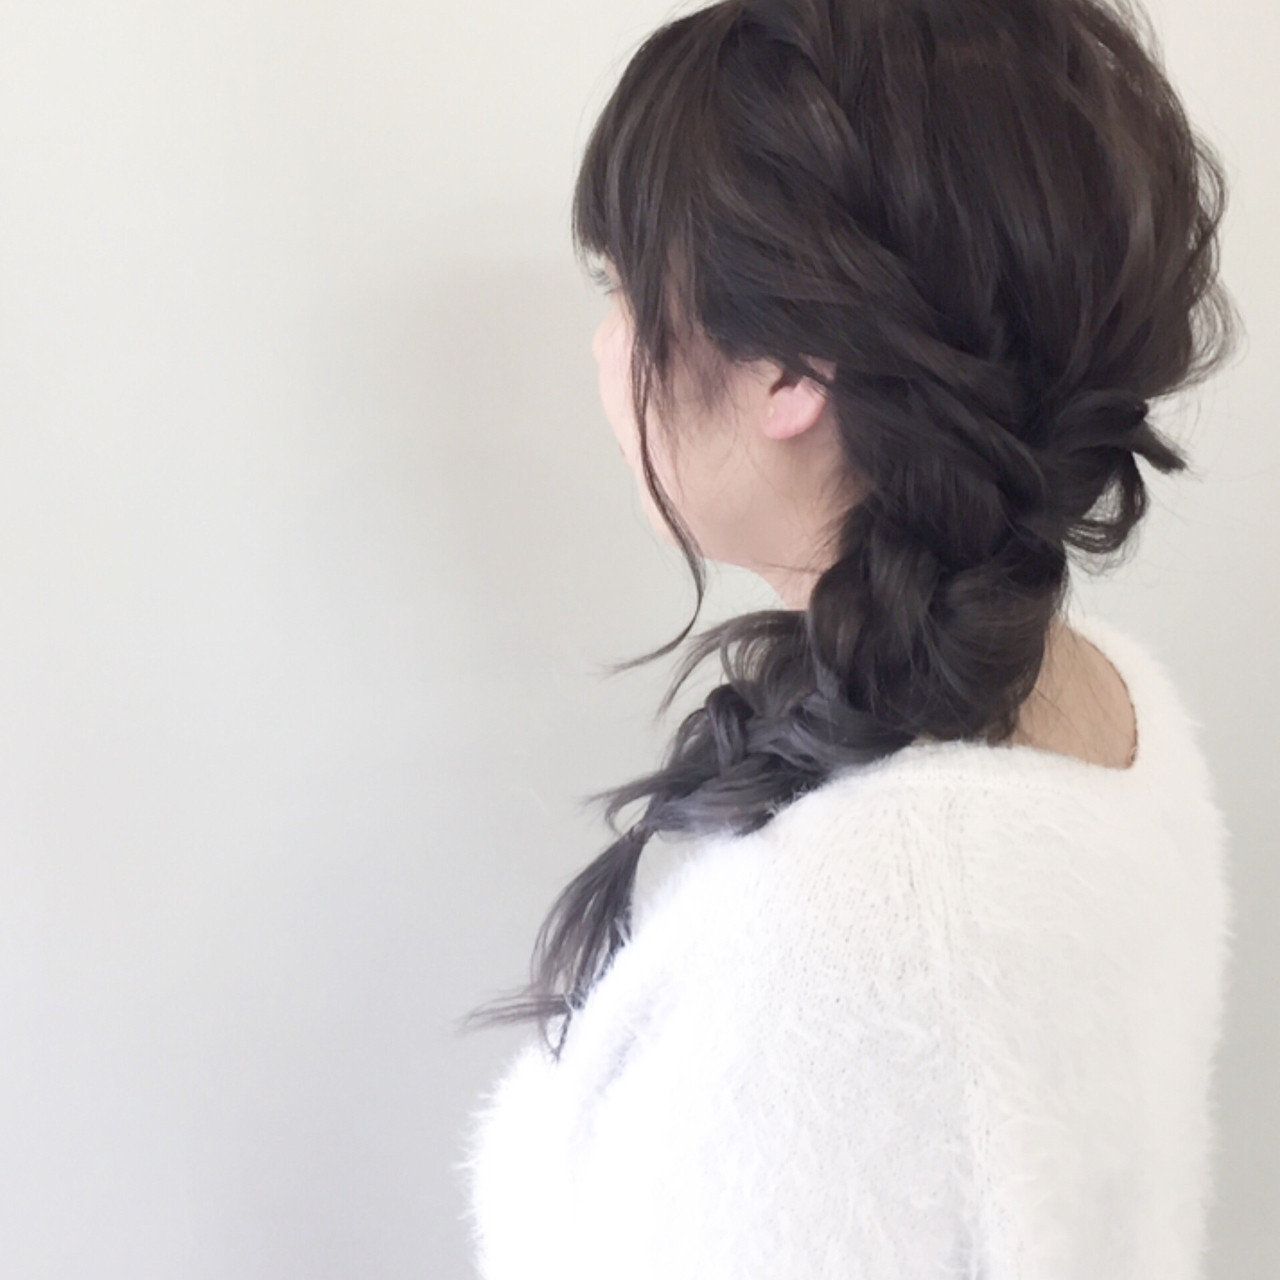 三つ編み セミロング 簡単ヘアアレンジ 大人女子 ヘアスタイルや髪型の写真・画像